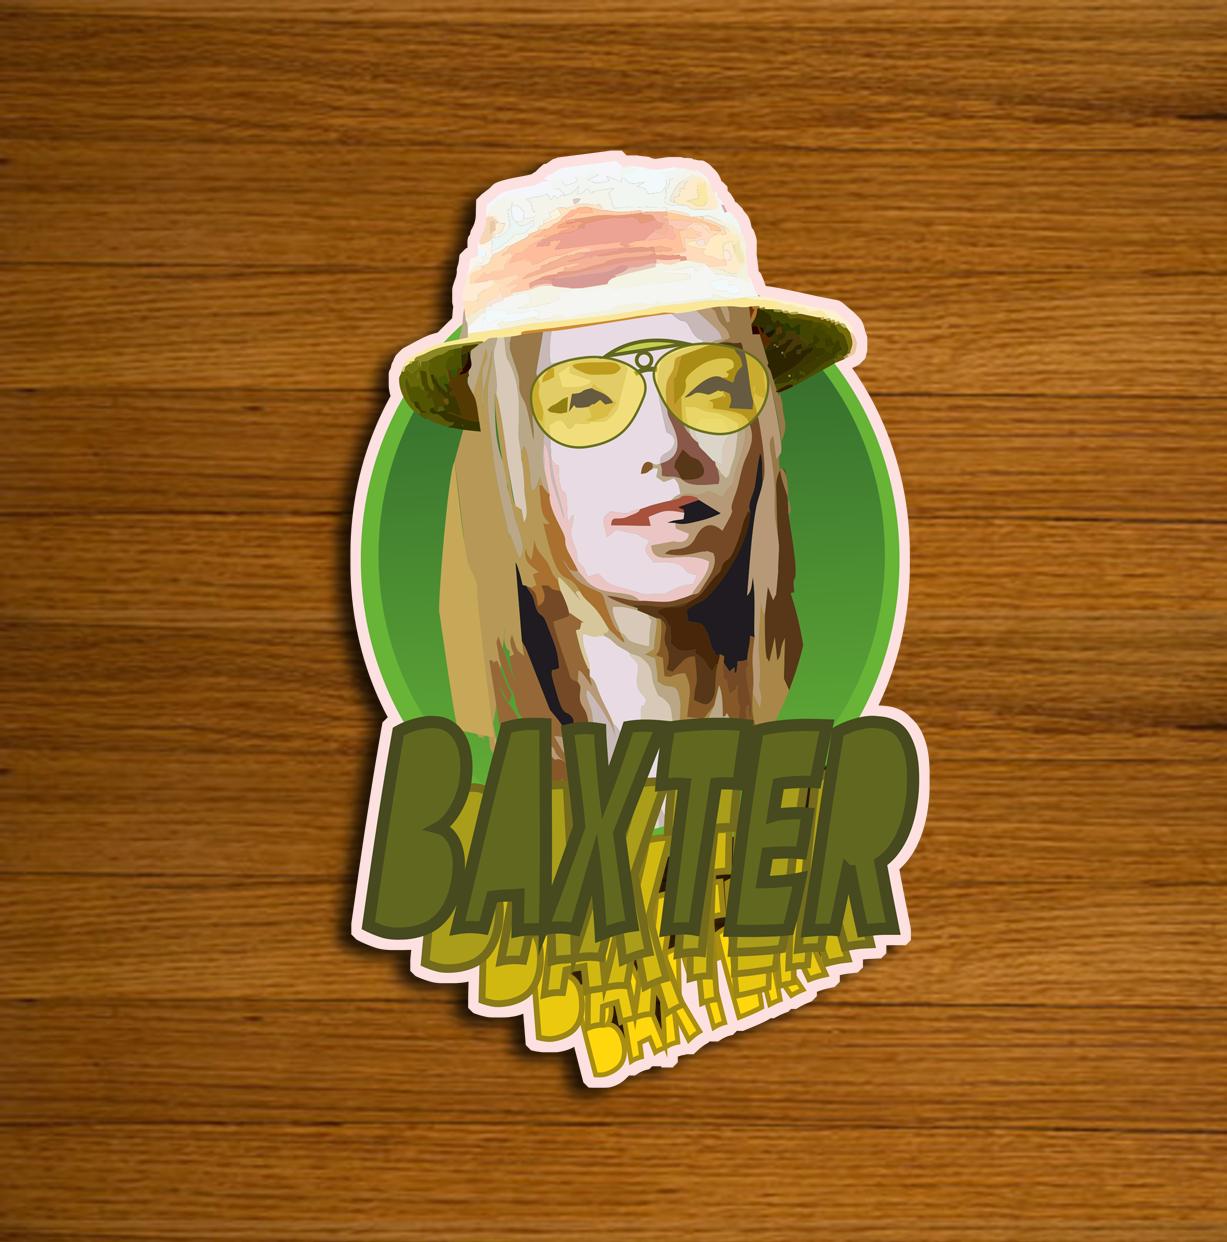 бакстер1